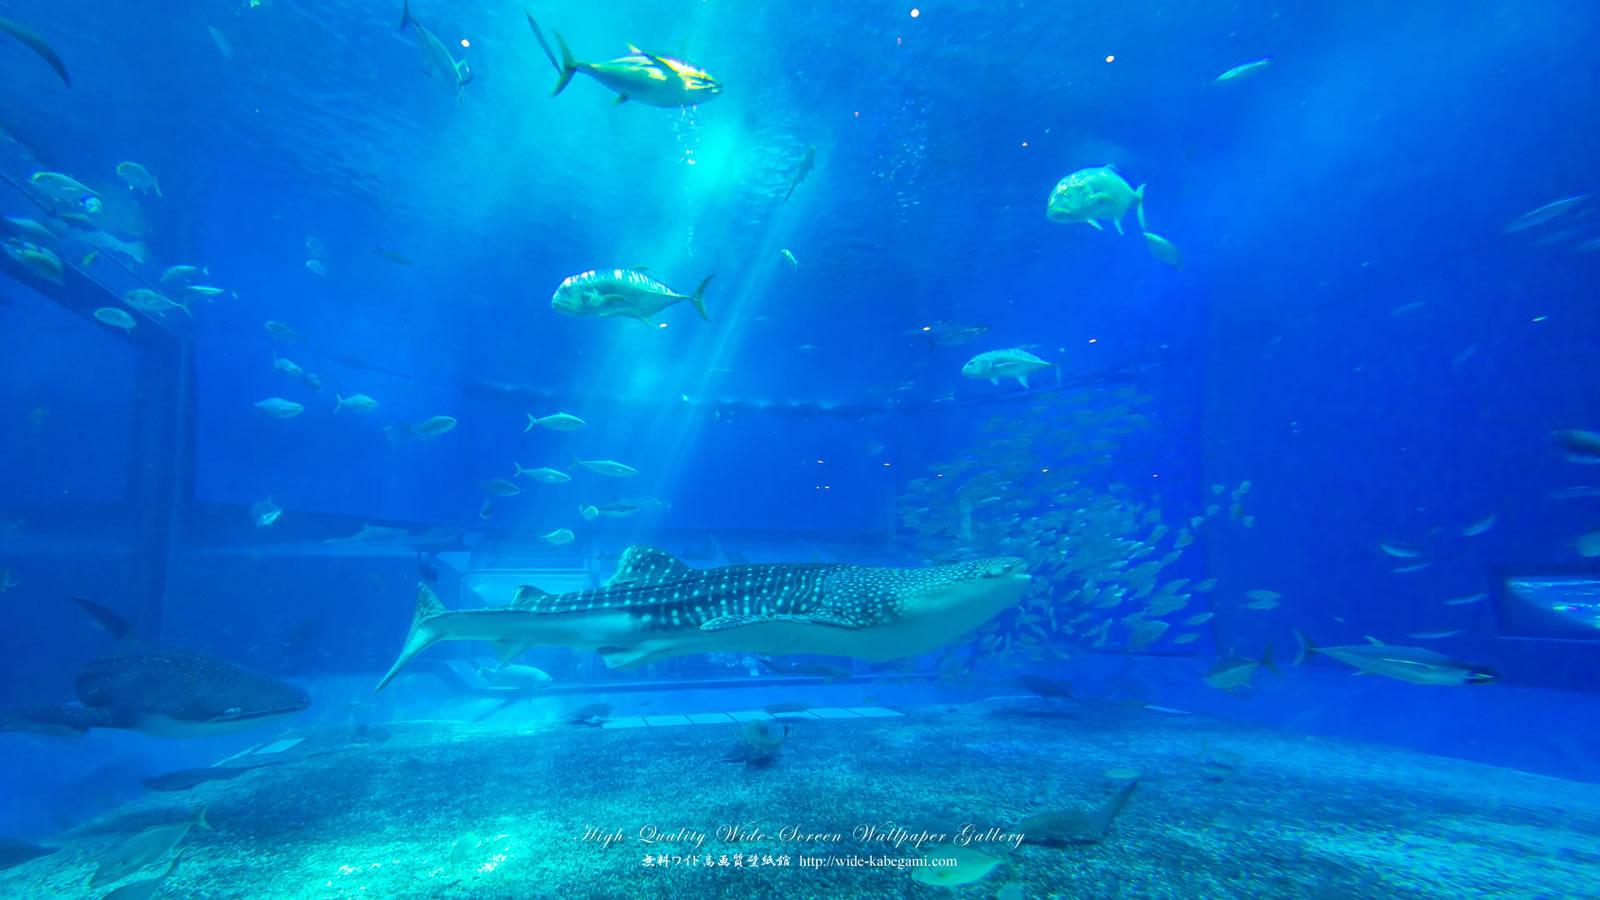 自然風景のワイド壁紙 1600x900 沖縄 美ら海水族館 3 無料ワイド高画質壁紙館